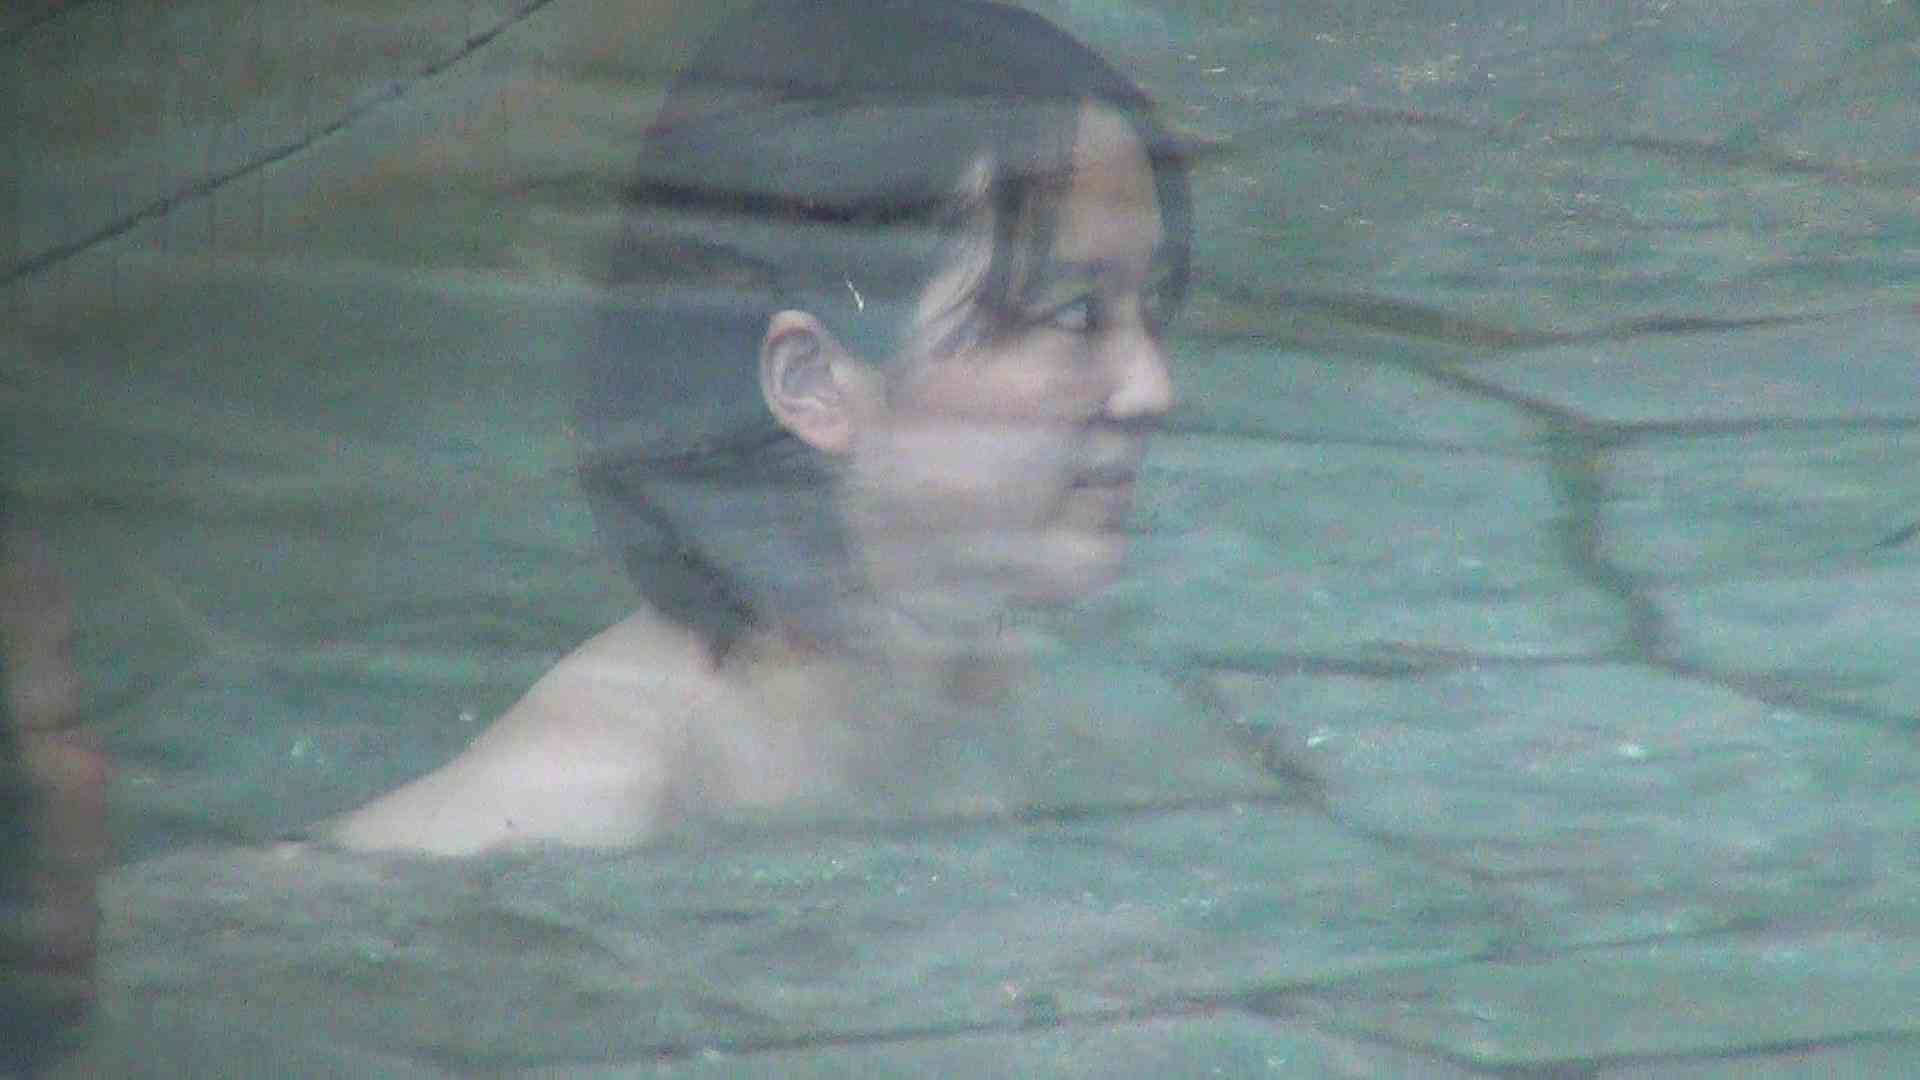 Aquaな露天風呂Vol.297 露天  103画像 96